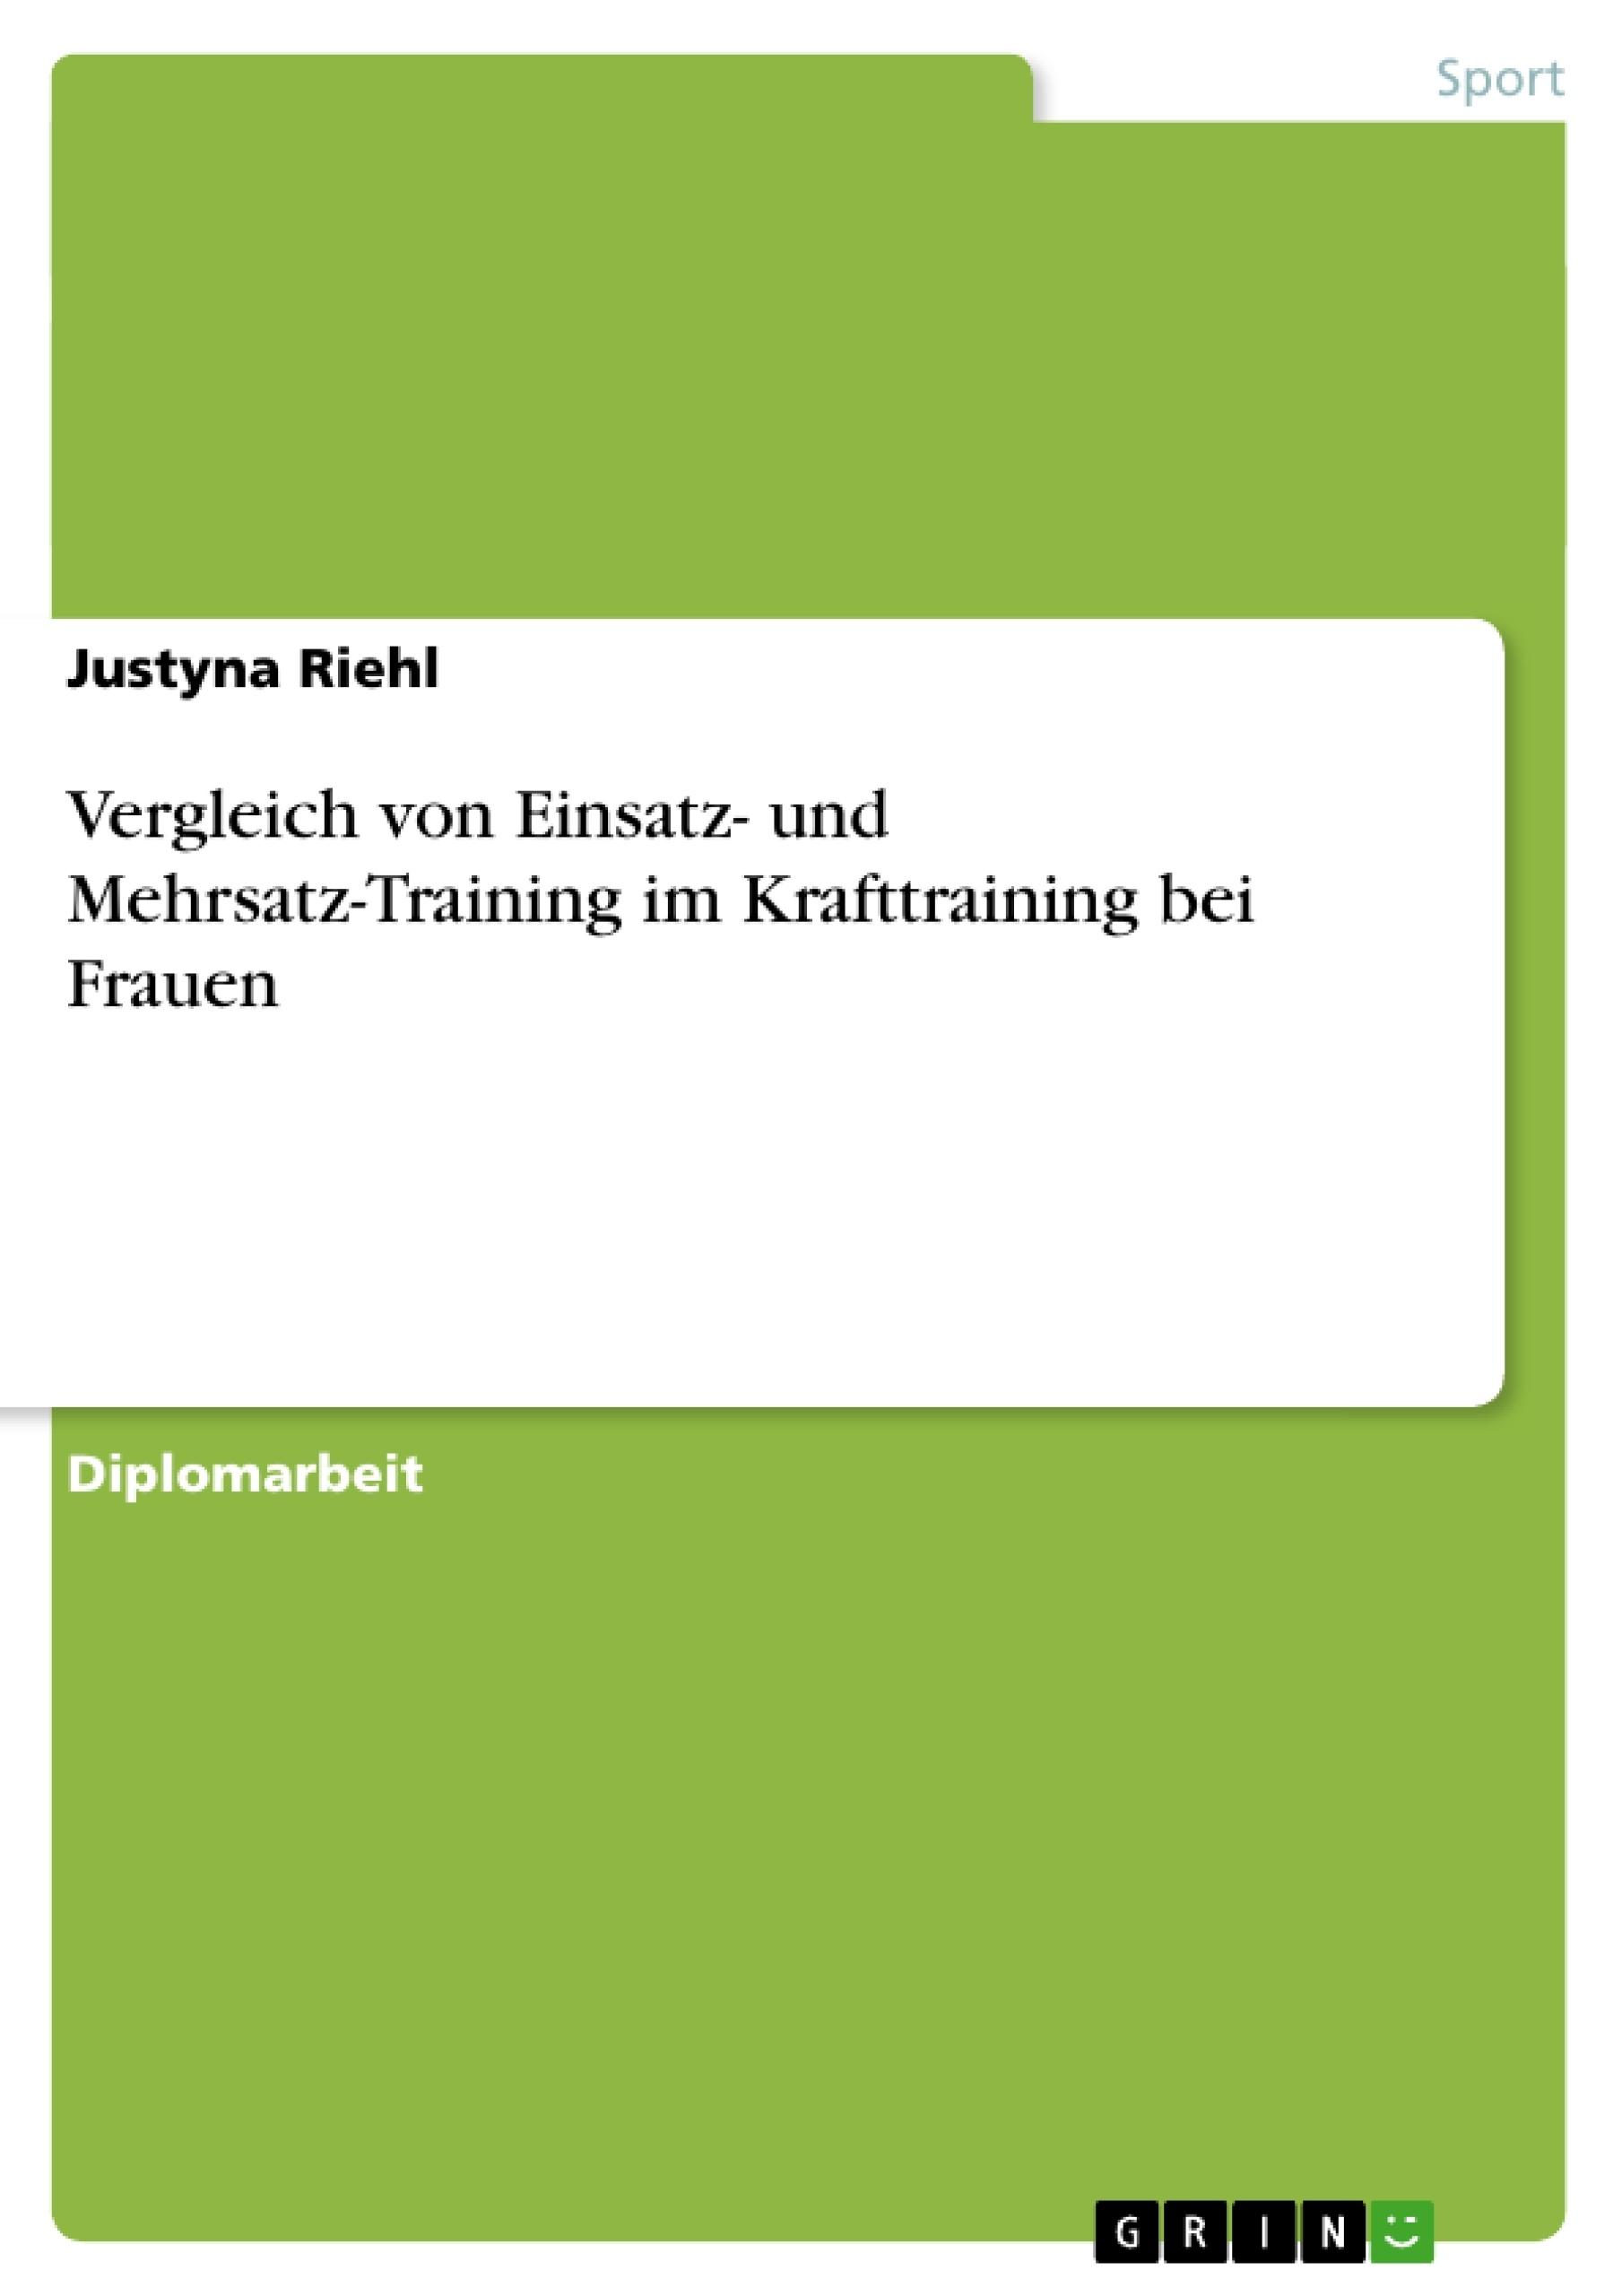 Titel: Vergleich von Einsatz- und Mehrsatz-Training im Krafttraining bei Frauen